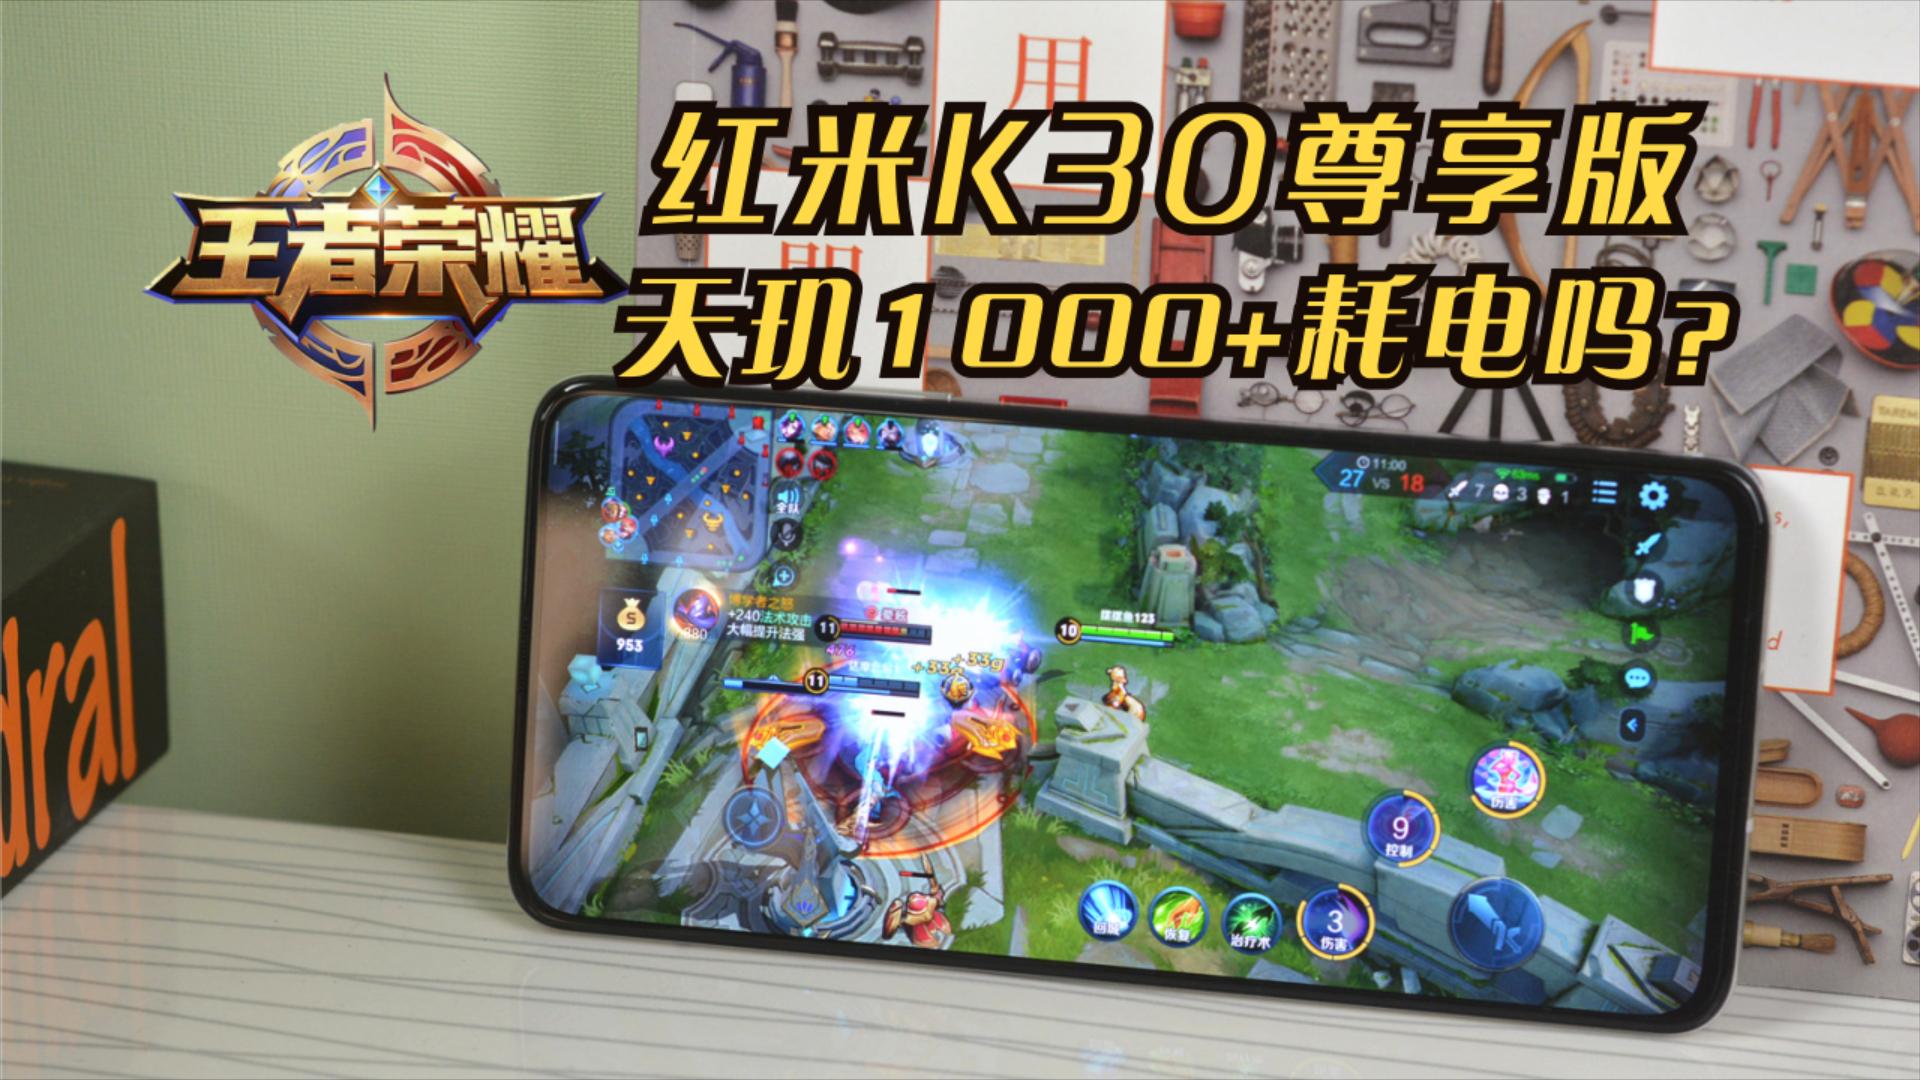 天玑1000+耗电吗?红米K30至尊纪念版王者荣耀能玩多久?